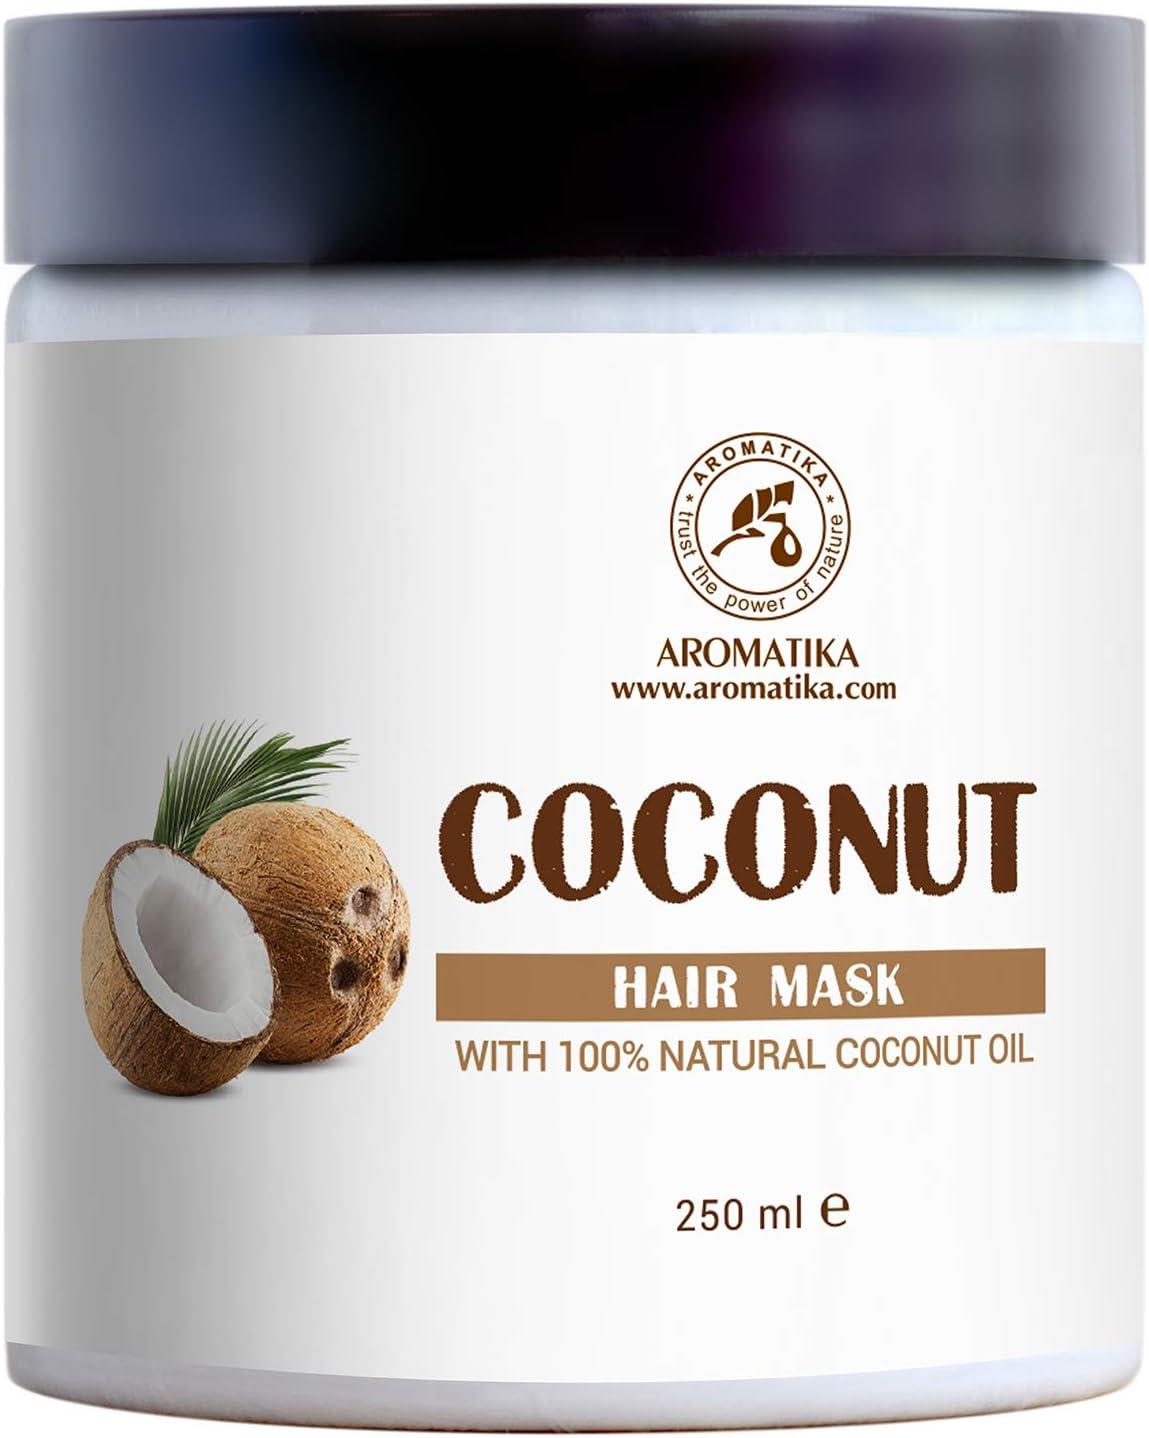 Mascarilla Capilar de Coco 250 ml - con 100% Aceite de Coco Natural - para Crecimiento y Volumen del Cabello - Sin Sulfato - Sin Parabenos - para Todo Tipo de Cabellos - Cuidado del Cabello